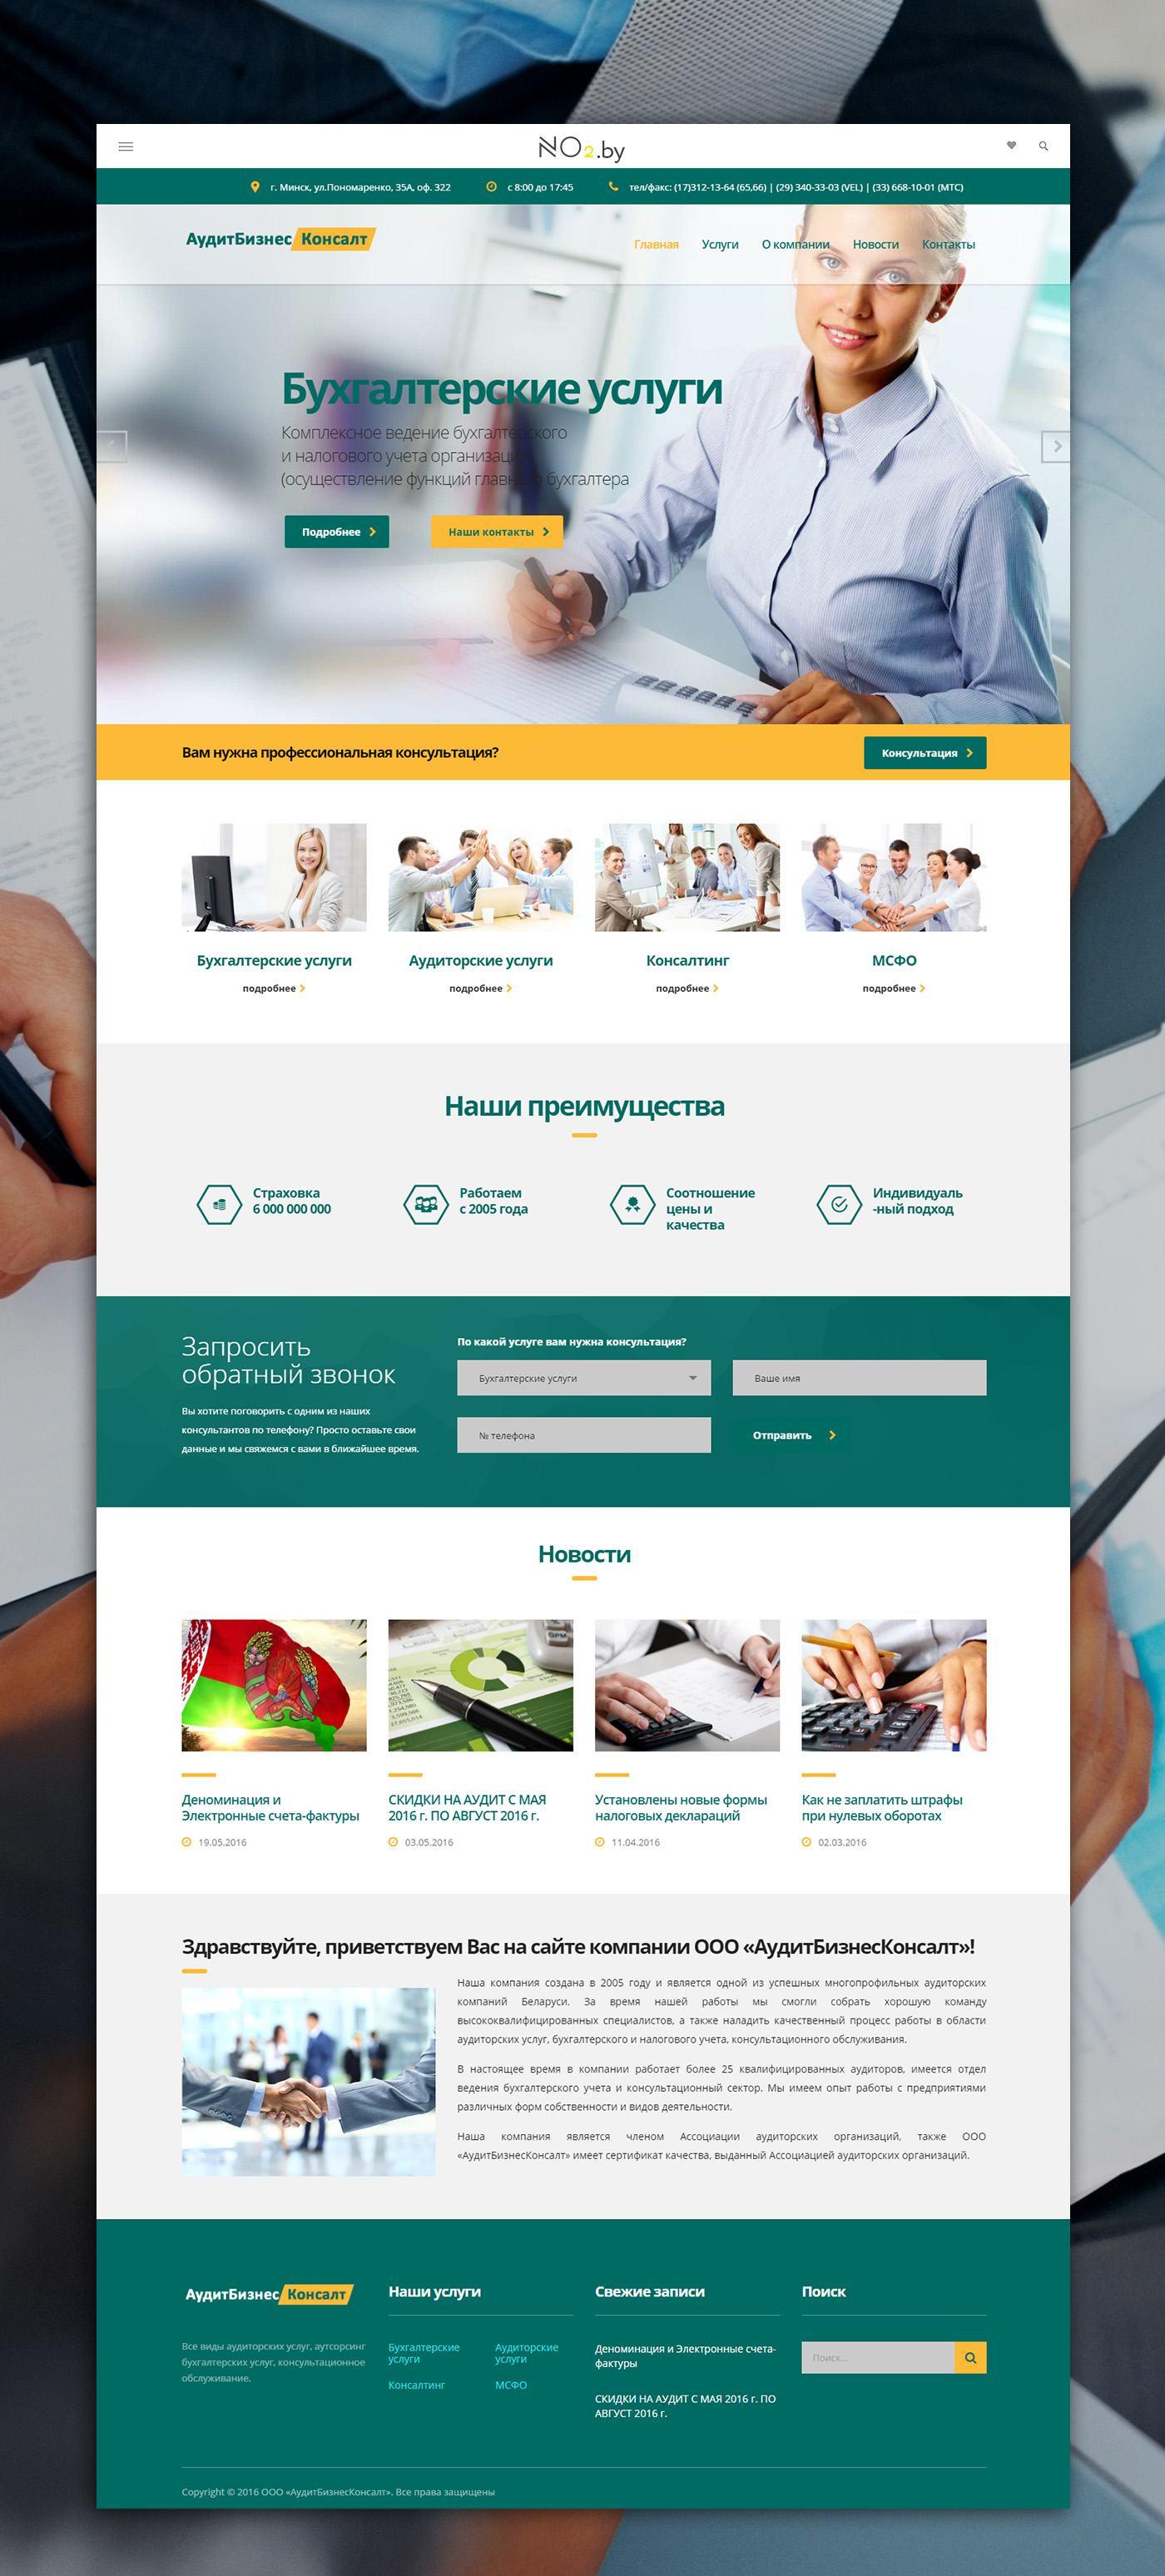 Разработка сайта на WordPress для бухгалтерской компании ООО «АудитБизнесКонсалт»